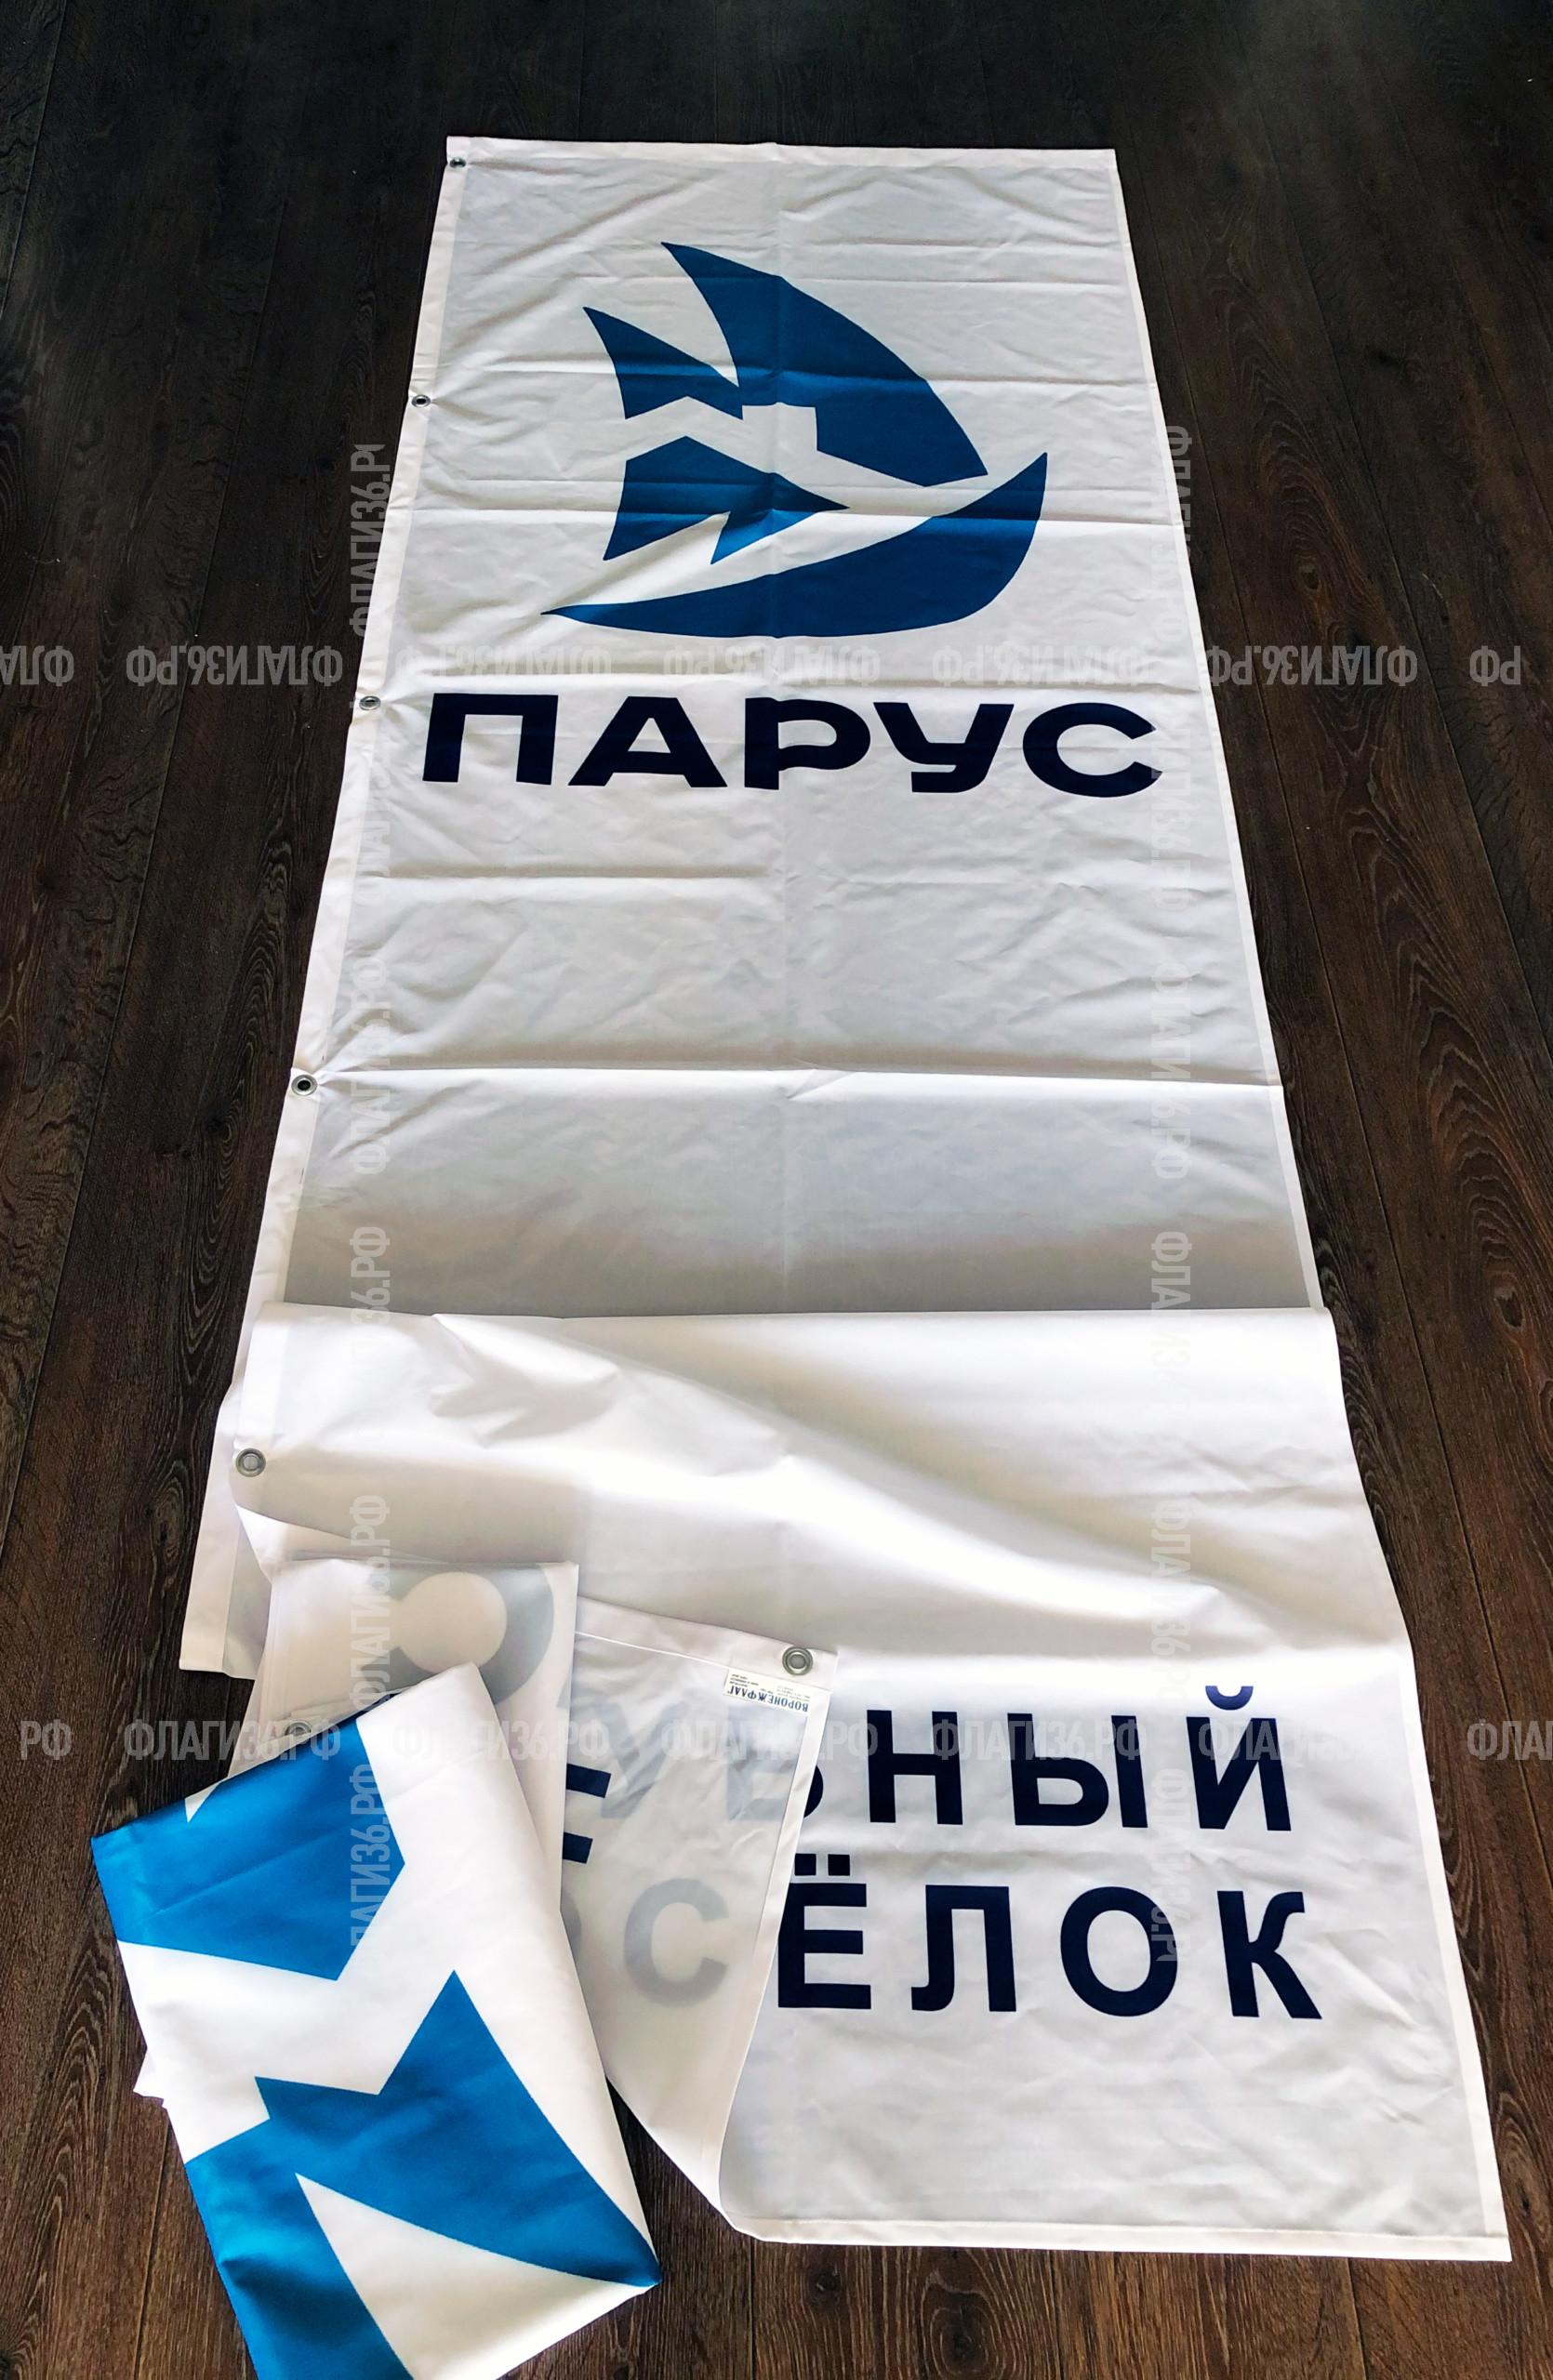 флаги-для-клубного-поселка-парус-воронеж